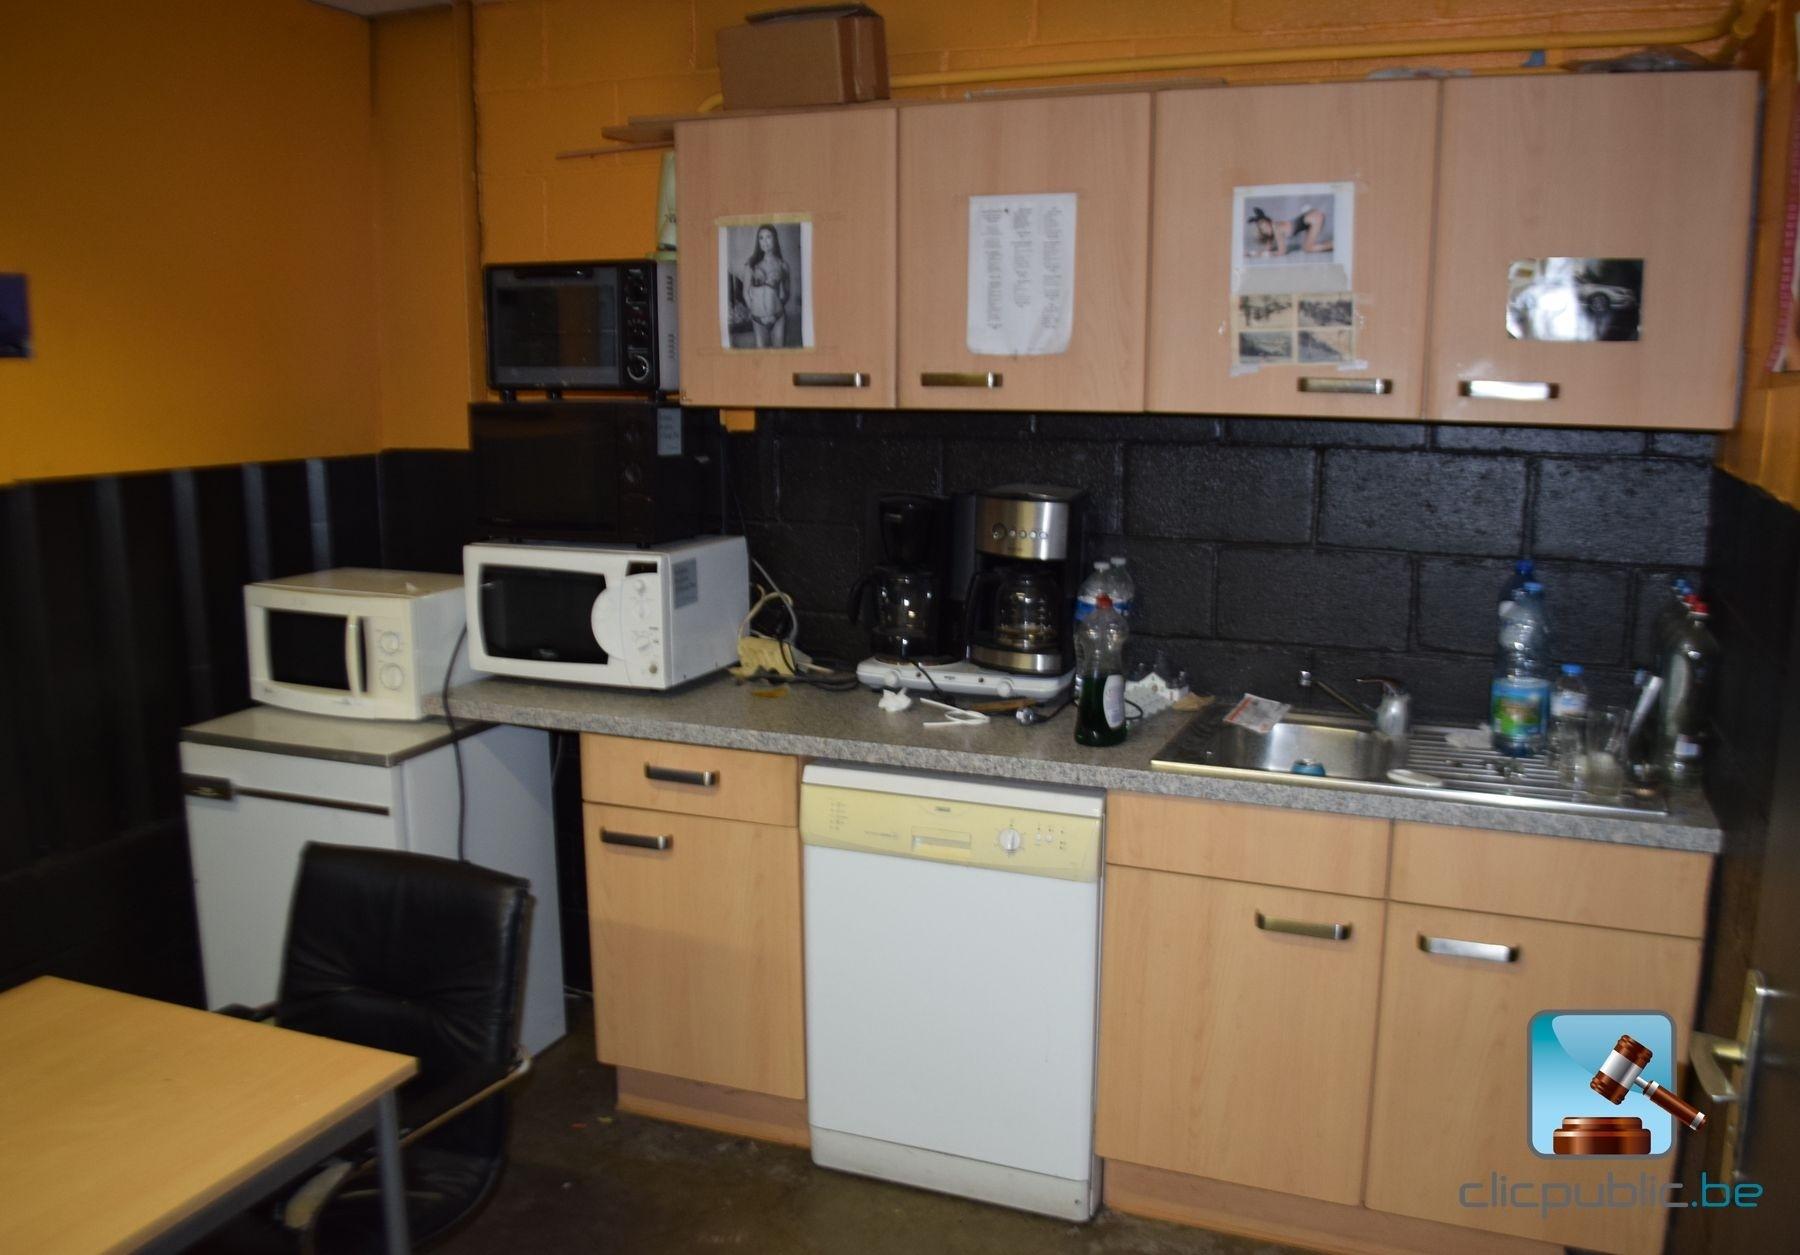 Cuisine semi quip e electro et mobilier ref 52 vendre sur - Keuken amenagee et equipee ...